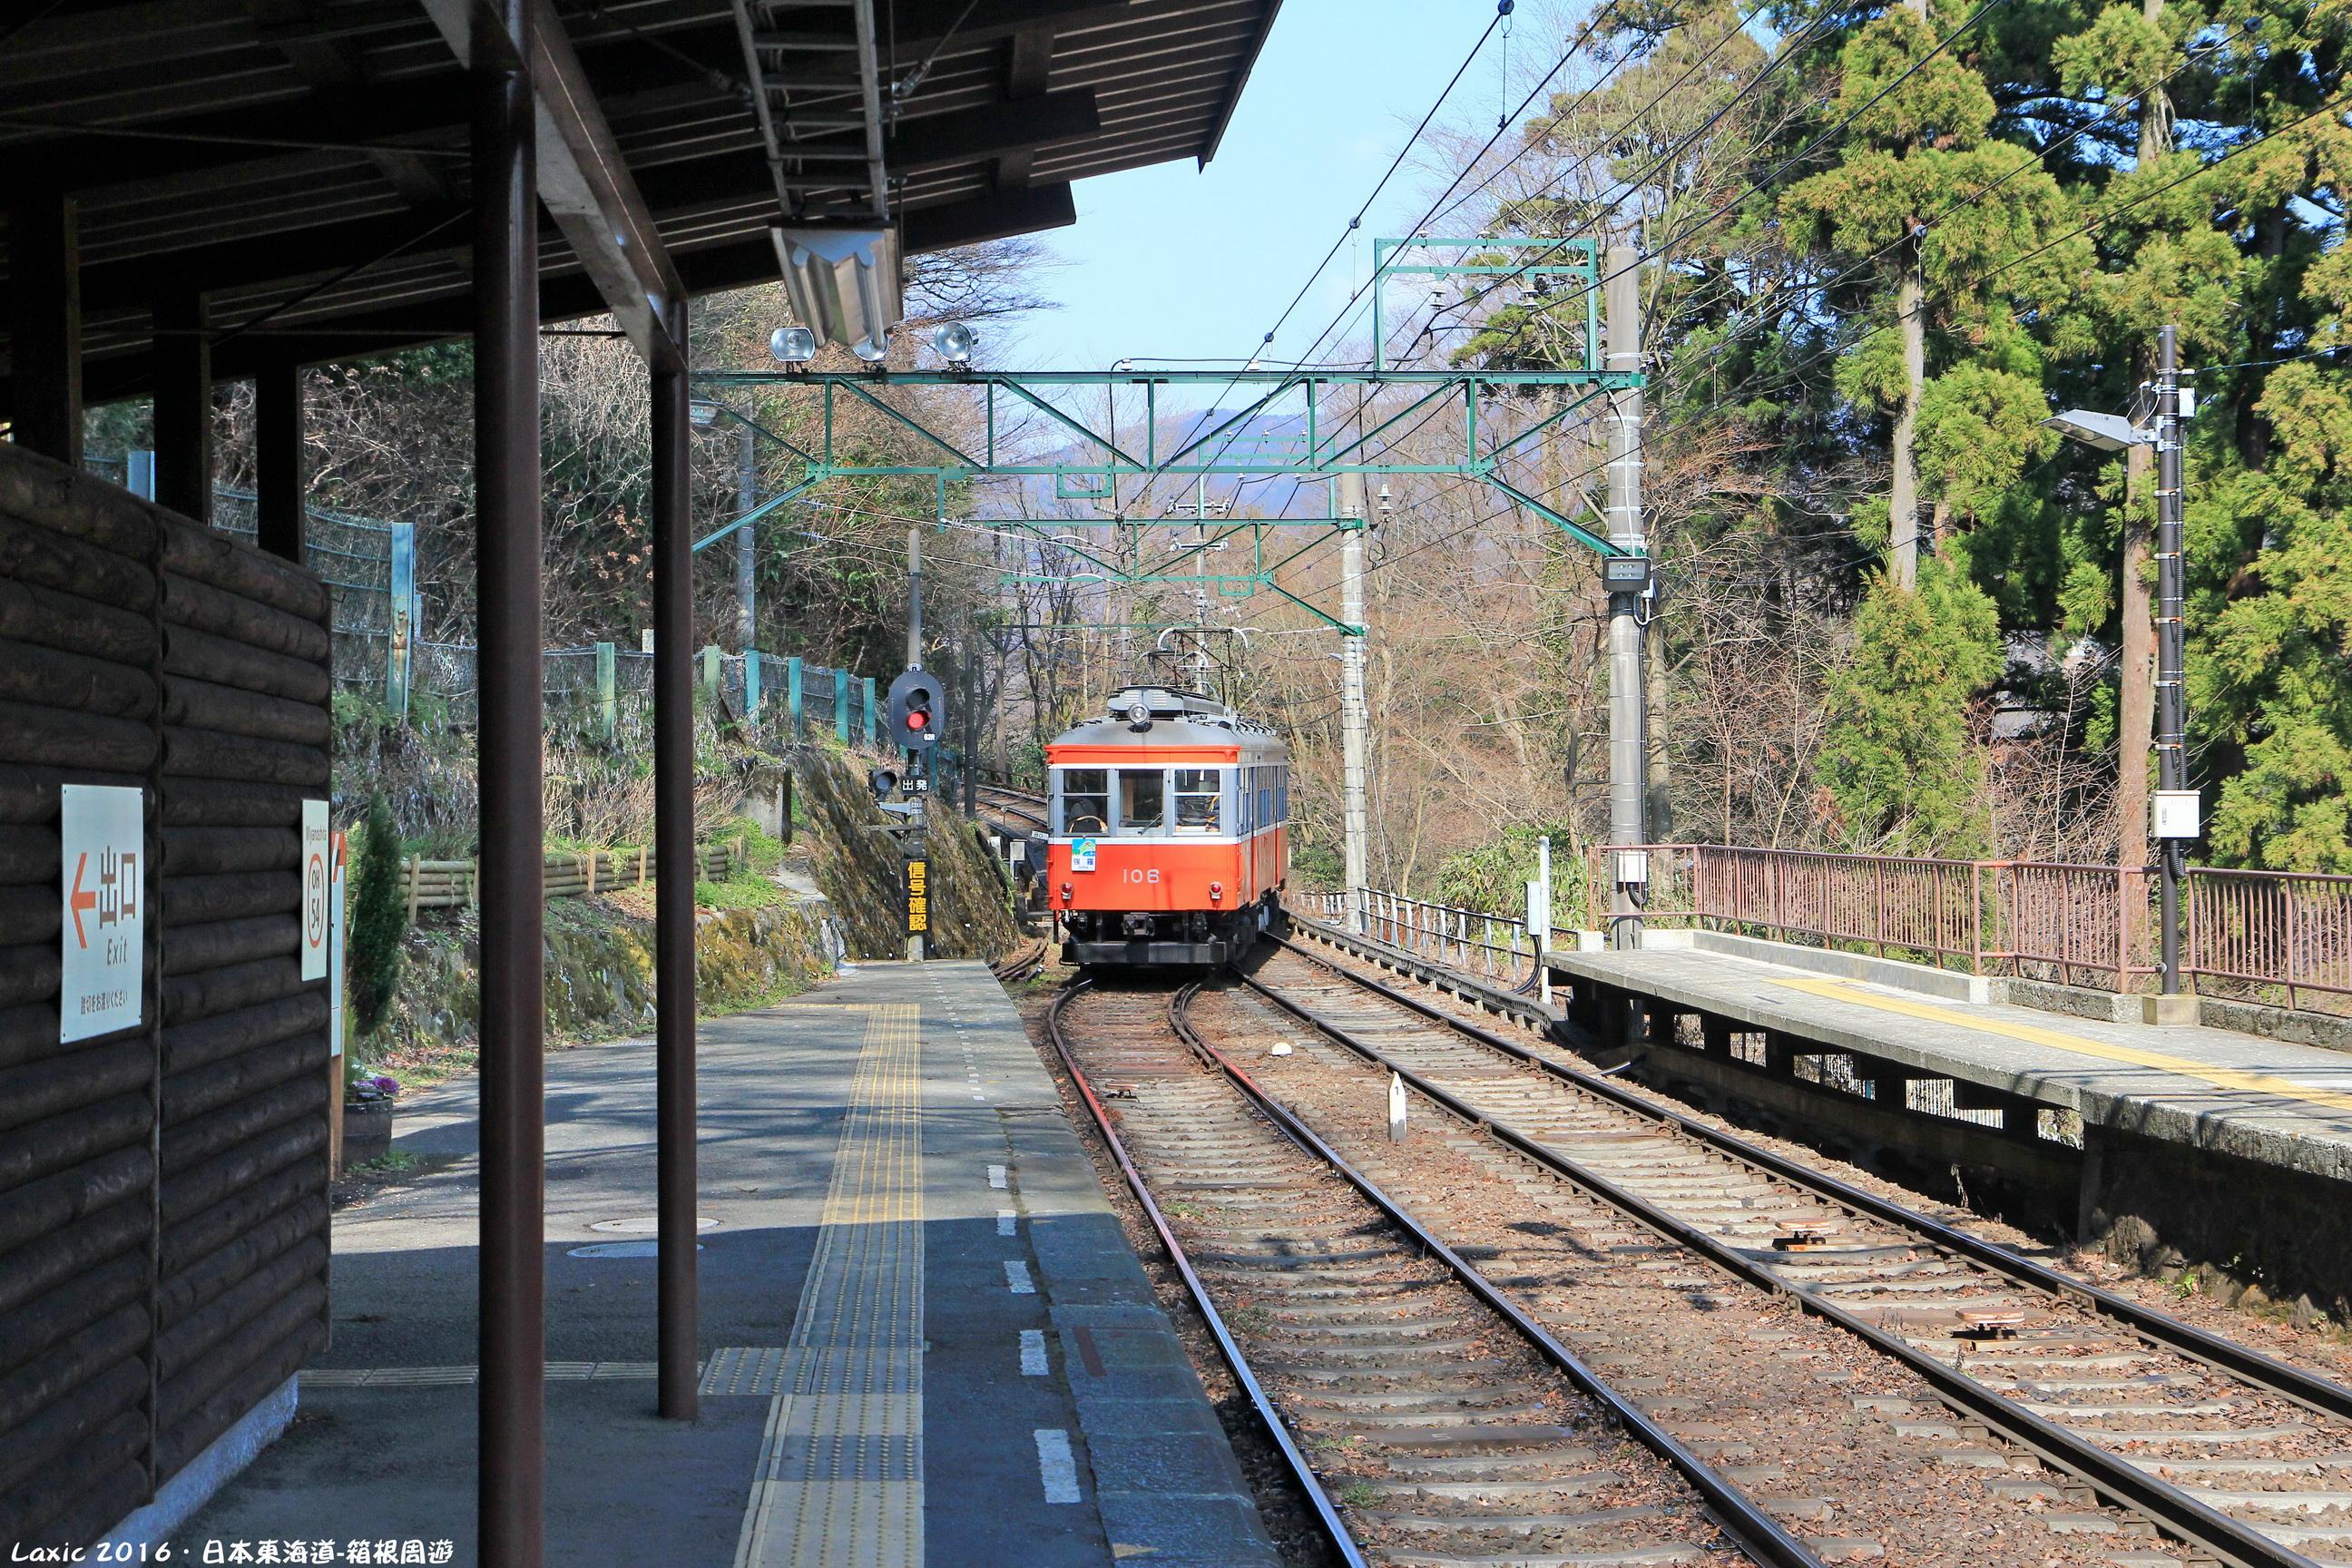 日本東海道-箱根周遊.登山鐵路